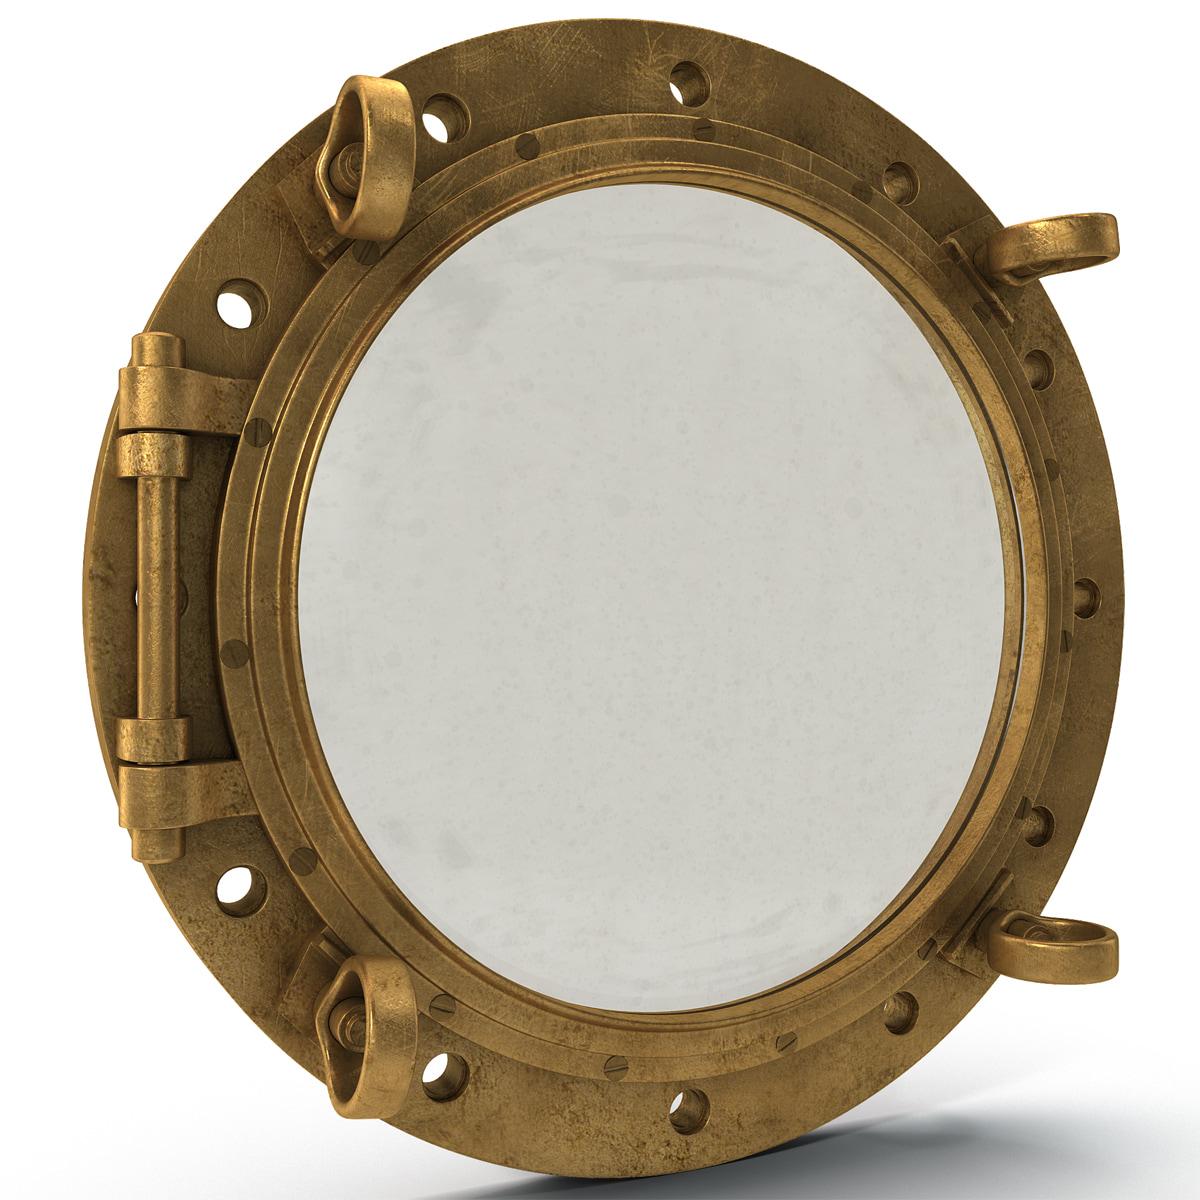 3ds max porthole hole